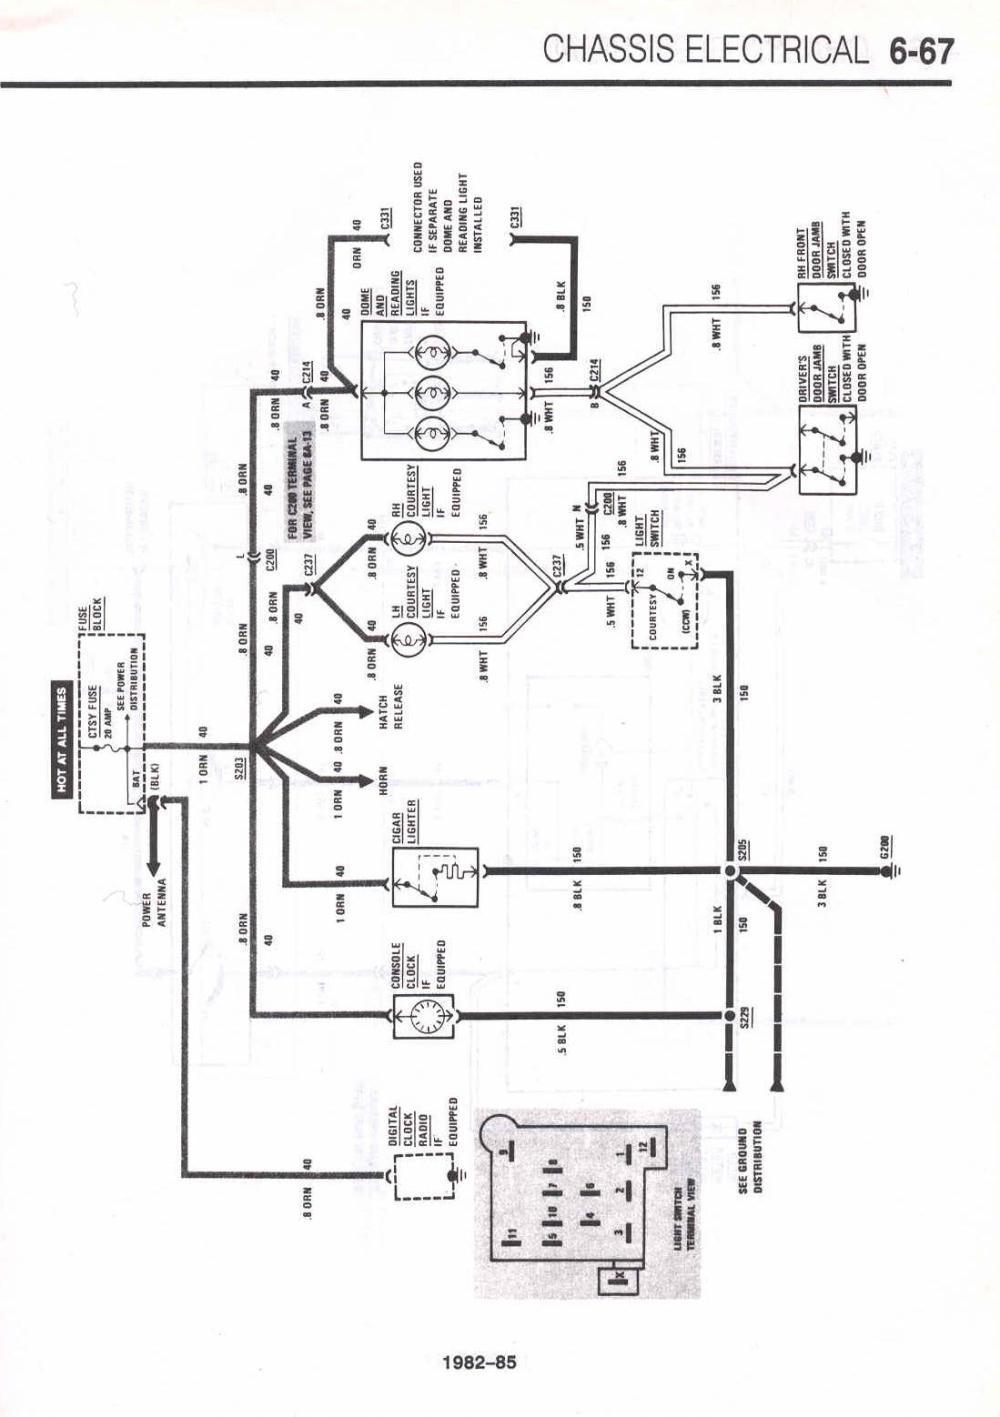 medium resolution of corvette dash wire harness guide with fuse box air 1987 camaro fuse box diagram 2010 camaro